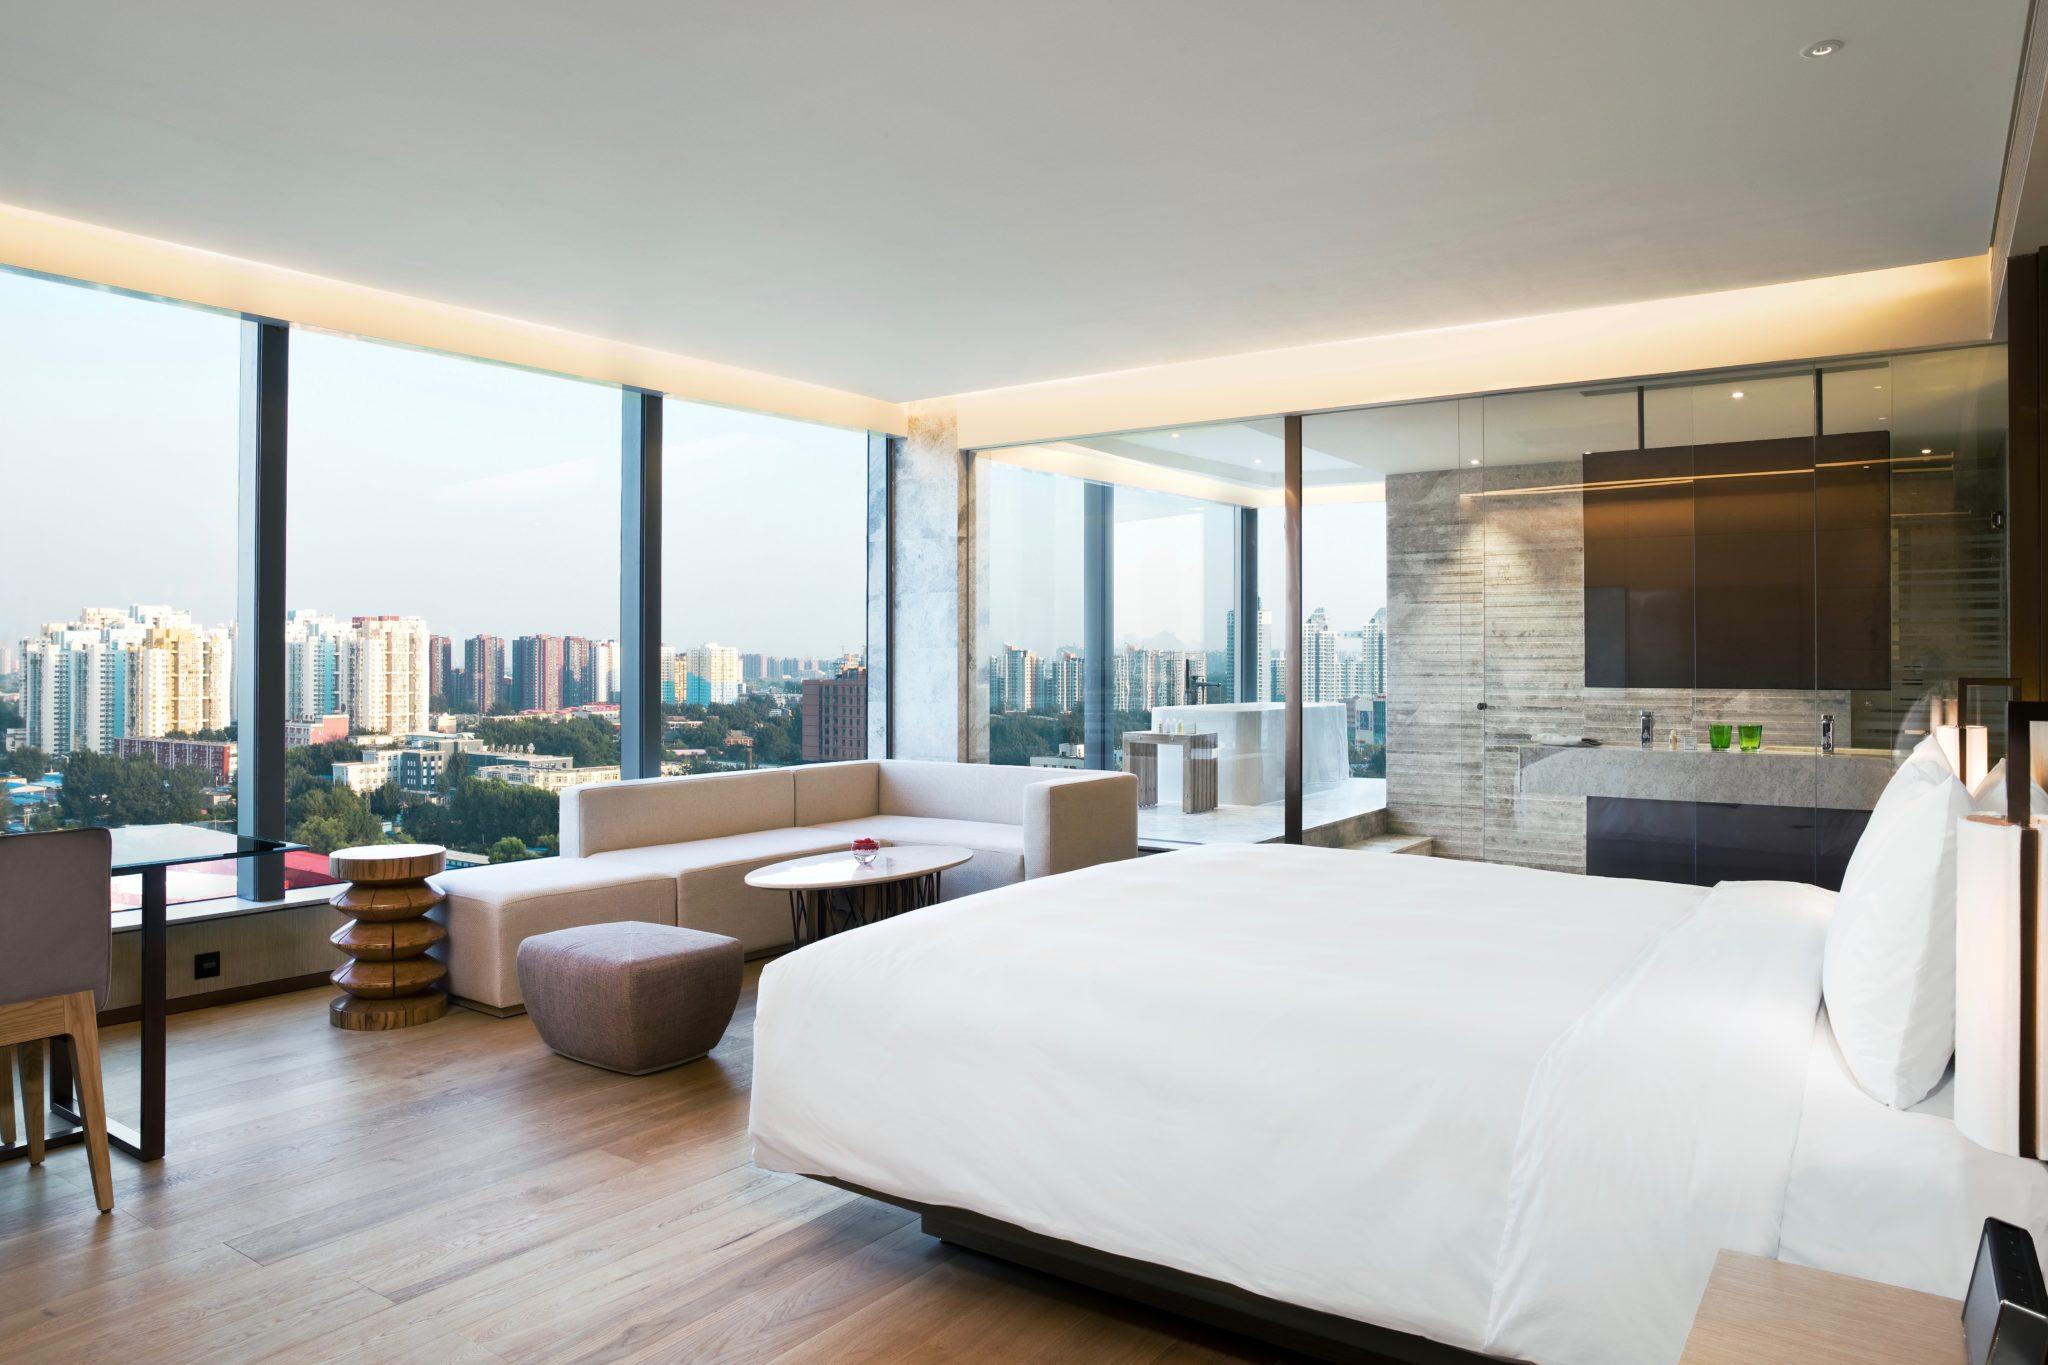 Das Studio des East Beijing ist eines der größten Zimmer des Hotels